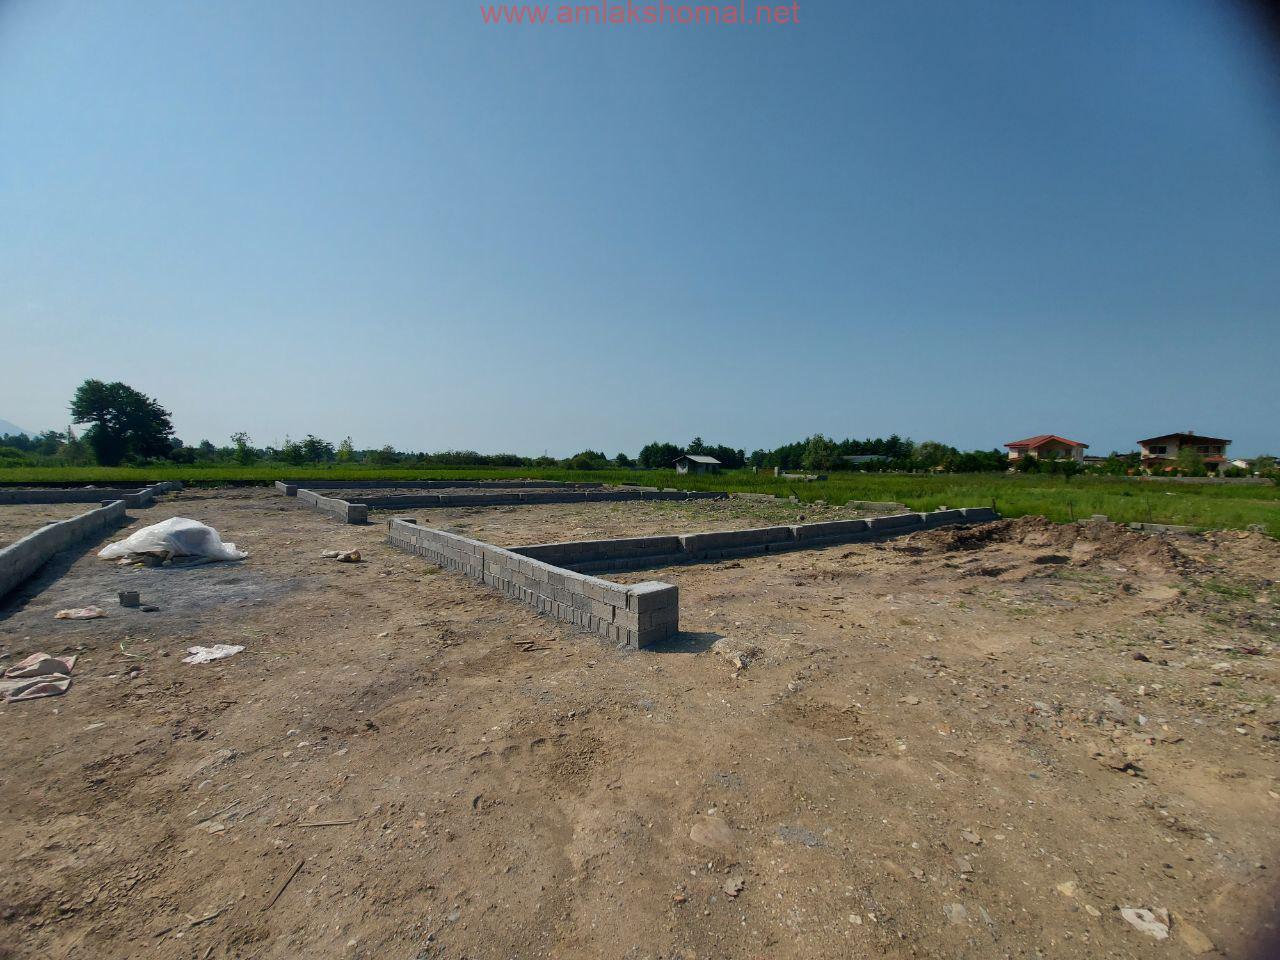 خرید و فروش زمین مازندران